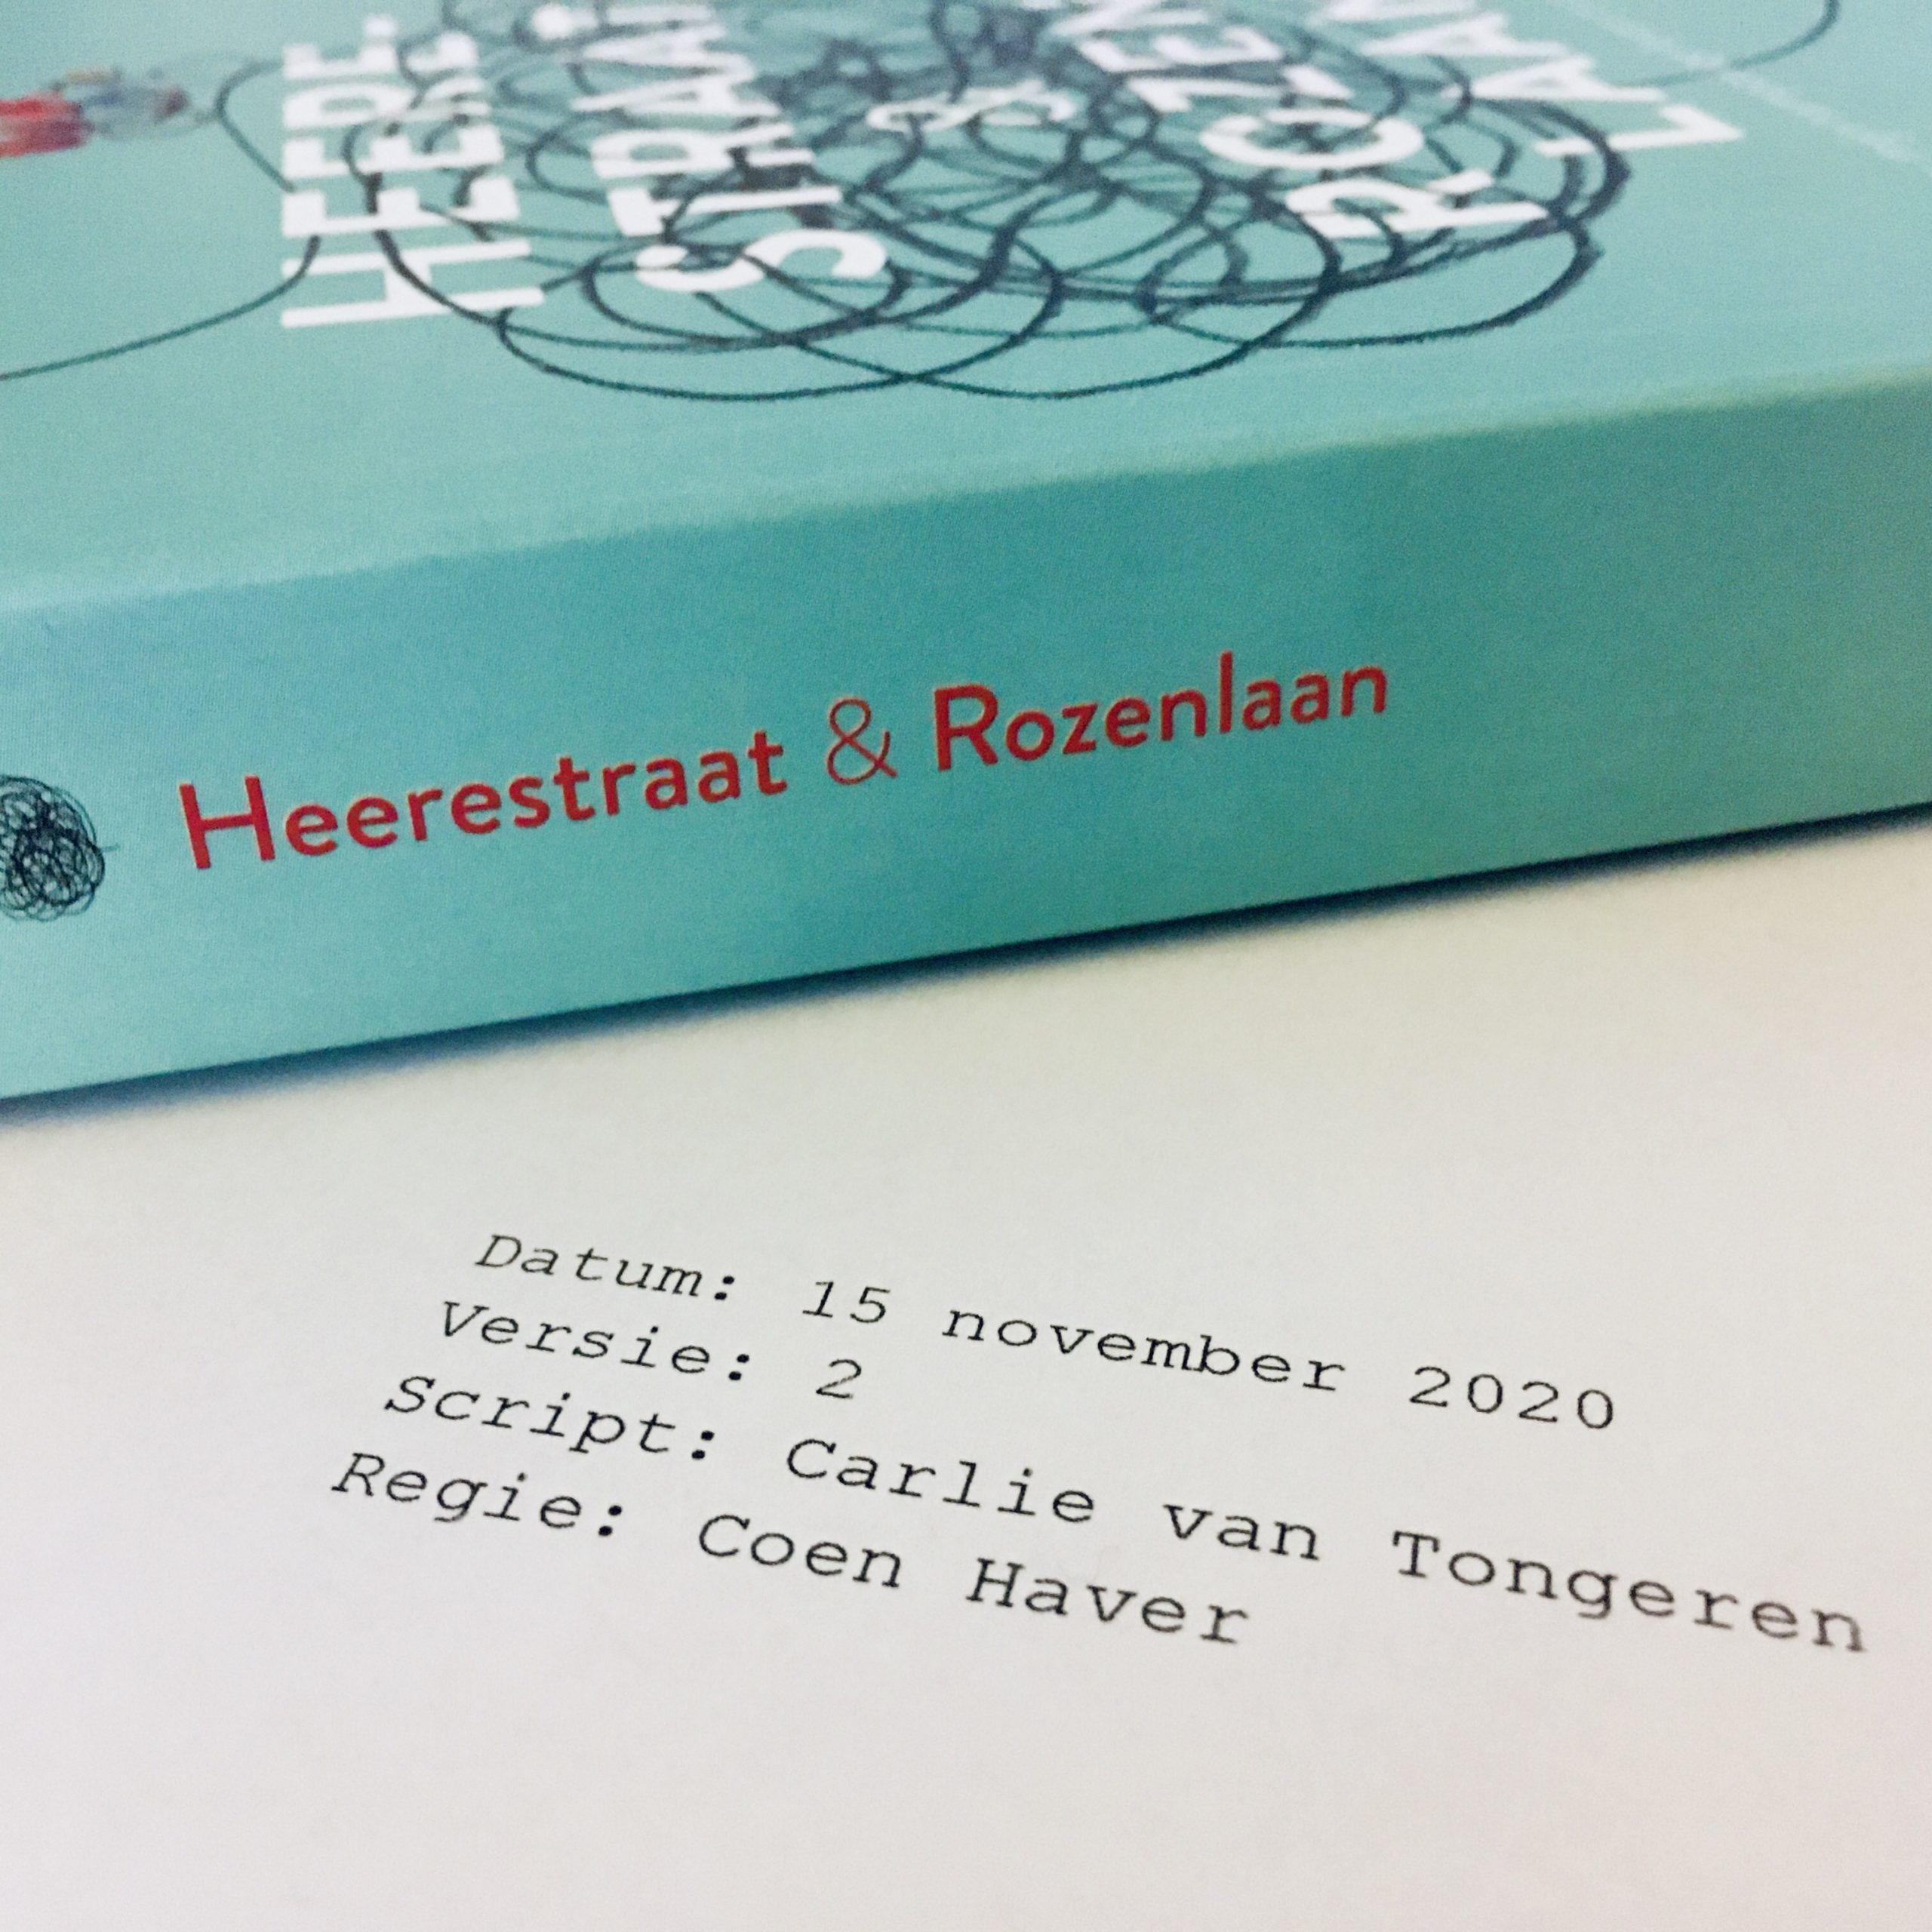 Scenarioschrijven en Heerestraat & Rozenlaan